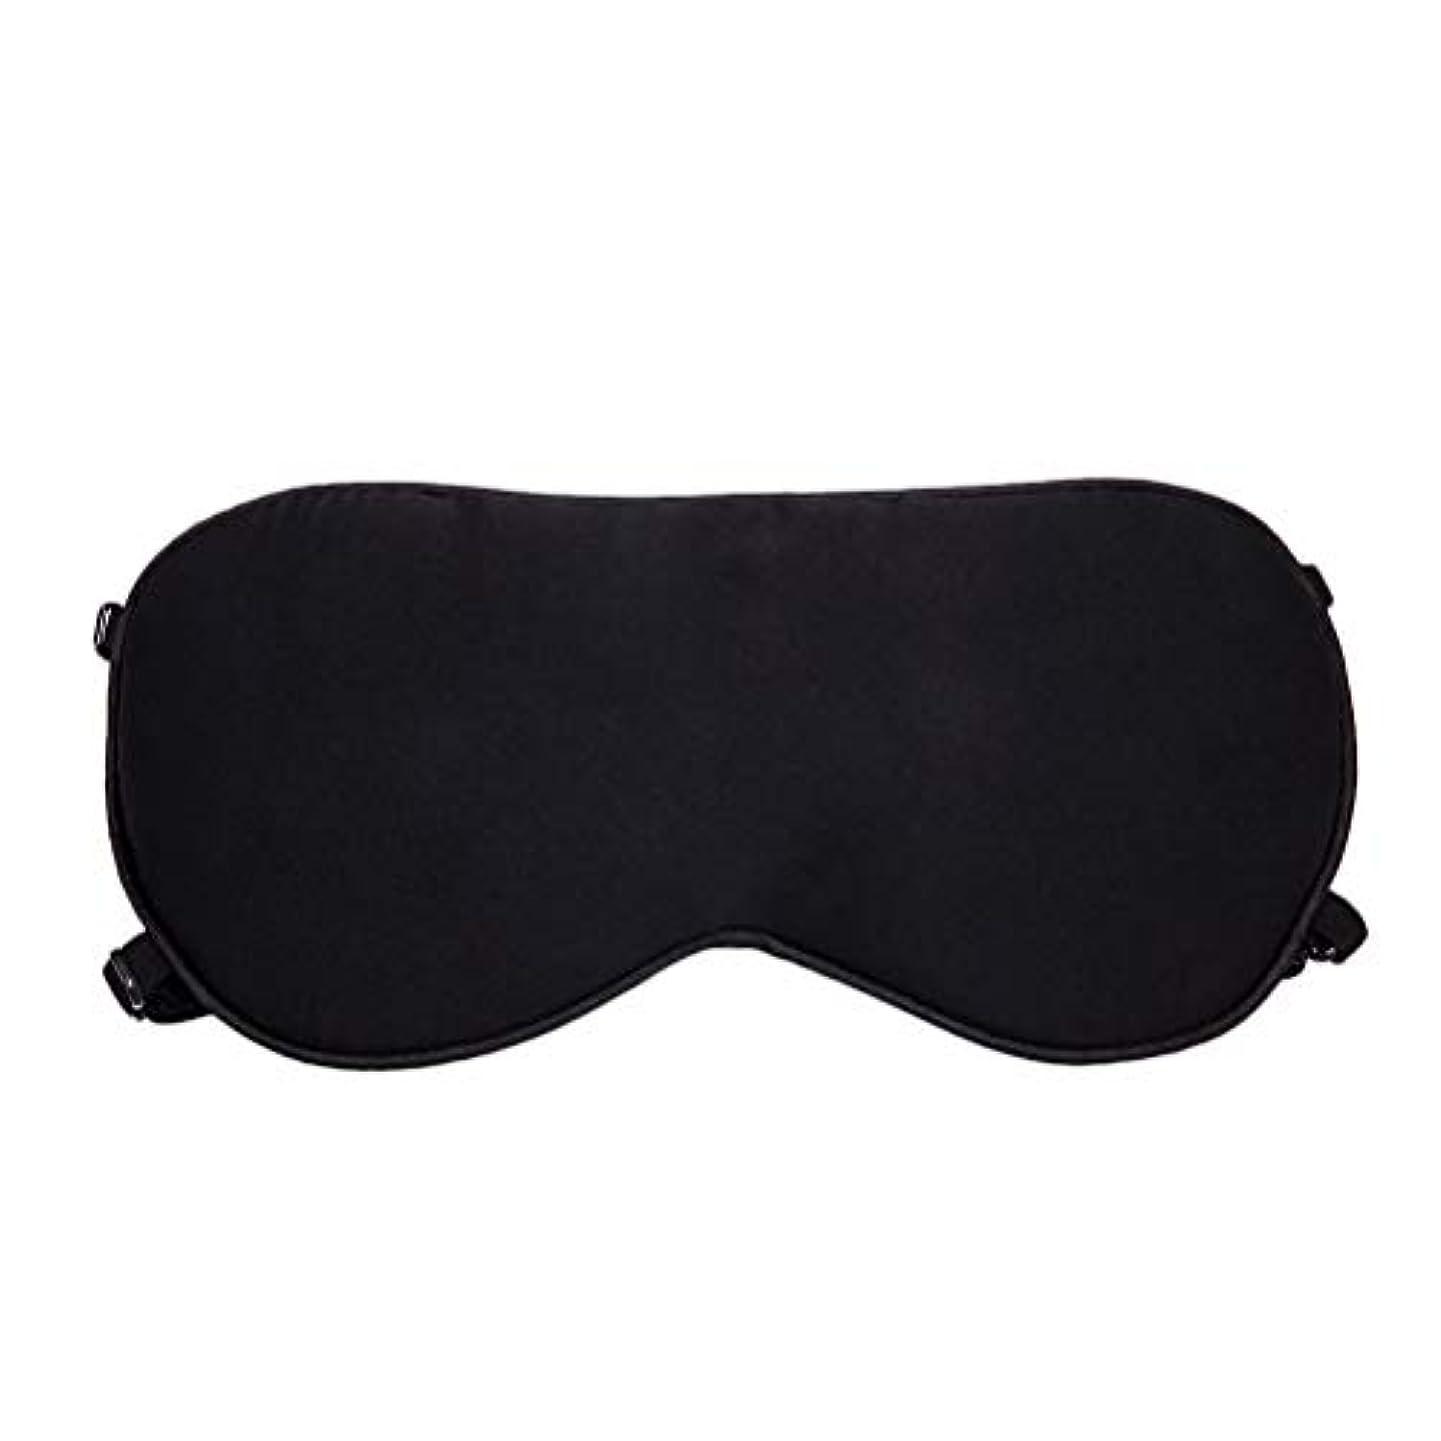 捕虜サンダースフレームワークSUPVOX スリーピングマスクシルクアイマスク目隠し調節可能な快適なナイトアイカバー大人子供のためのホームベッド旅行フライトカーキャンプ用(黒)